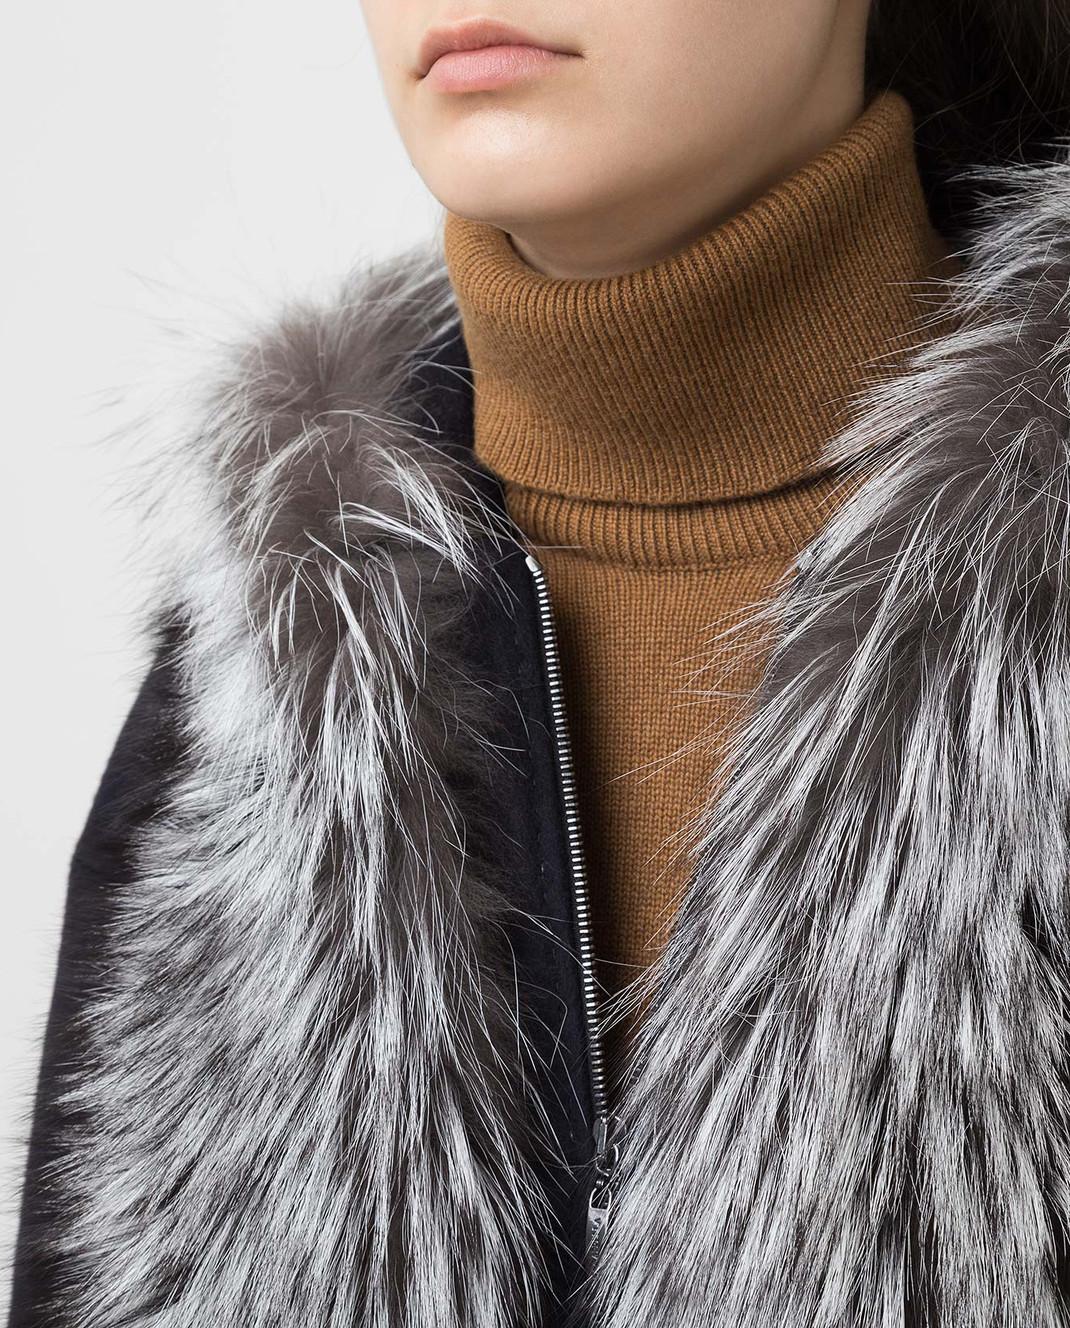 Via Cappella Темно-синее пальто из кашемира с мехом лисы P11785CASHMERE изображение 5